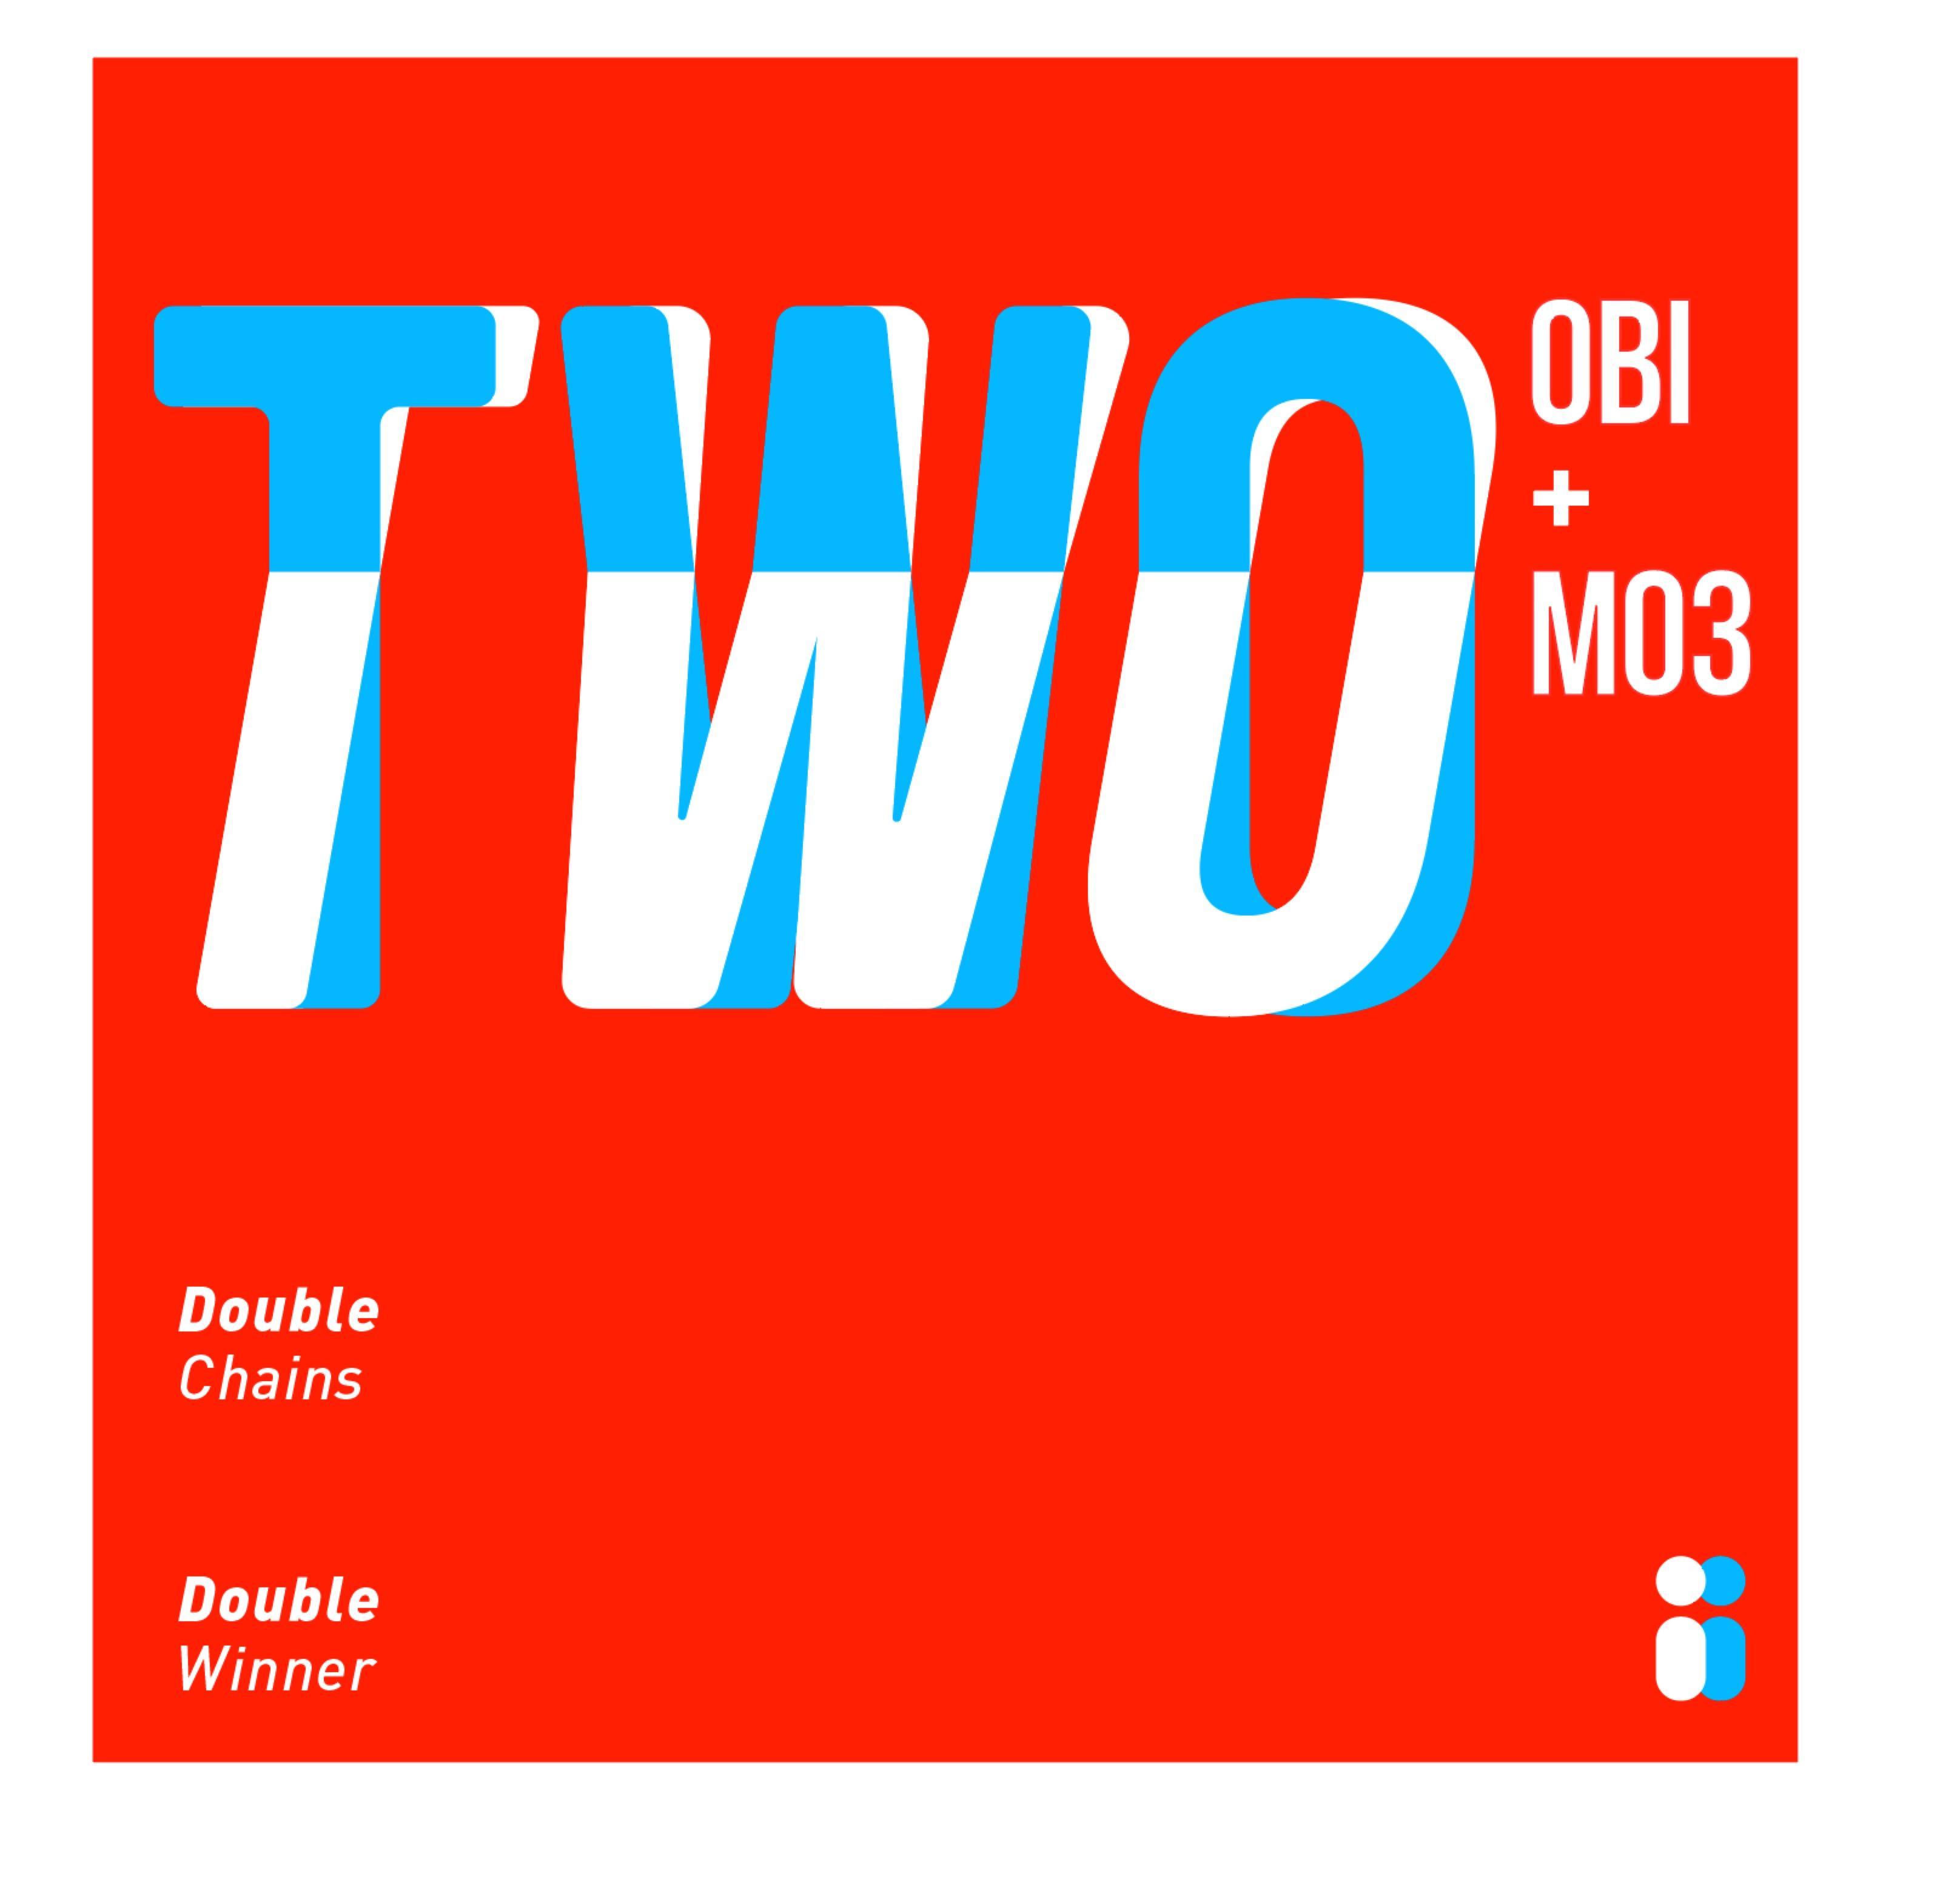 搜狐公众平台 双胞胎OB03签约摩登天空 MDSK迎来最年轻的血液